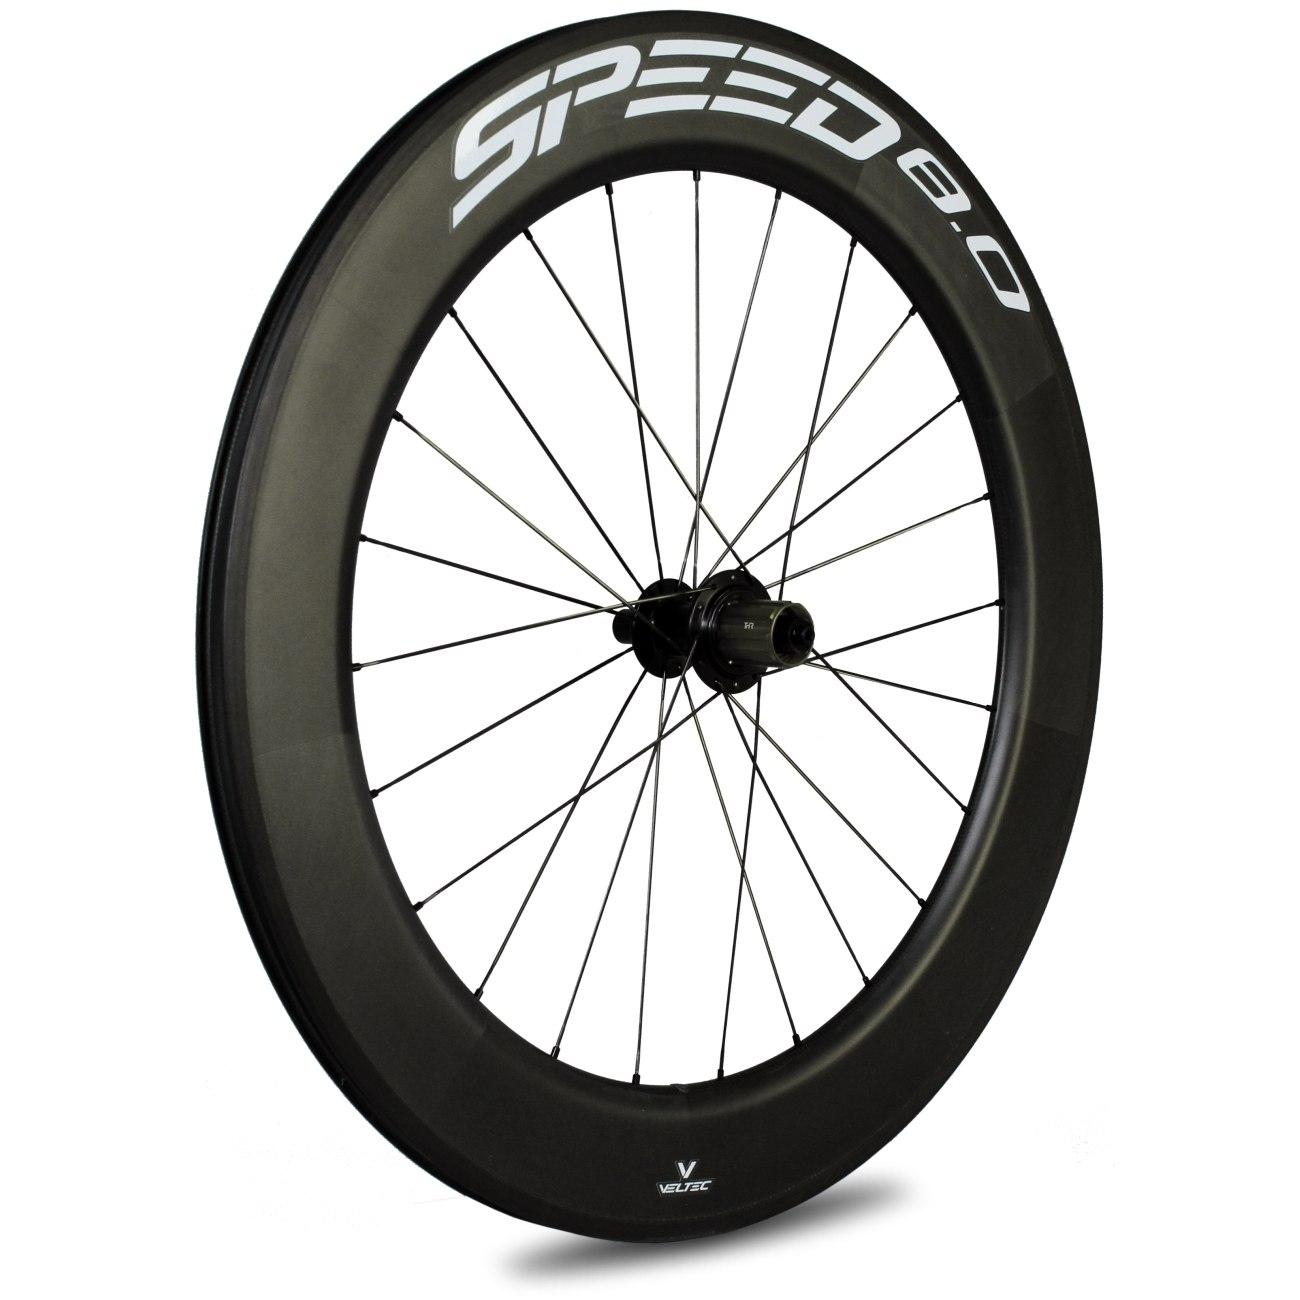 Veltec Speed 8.0 Carbon Hinterrad - Drahtreifen - QR130 - schwarz mit weißen Decals